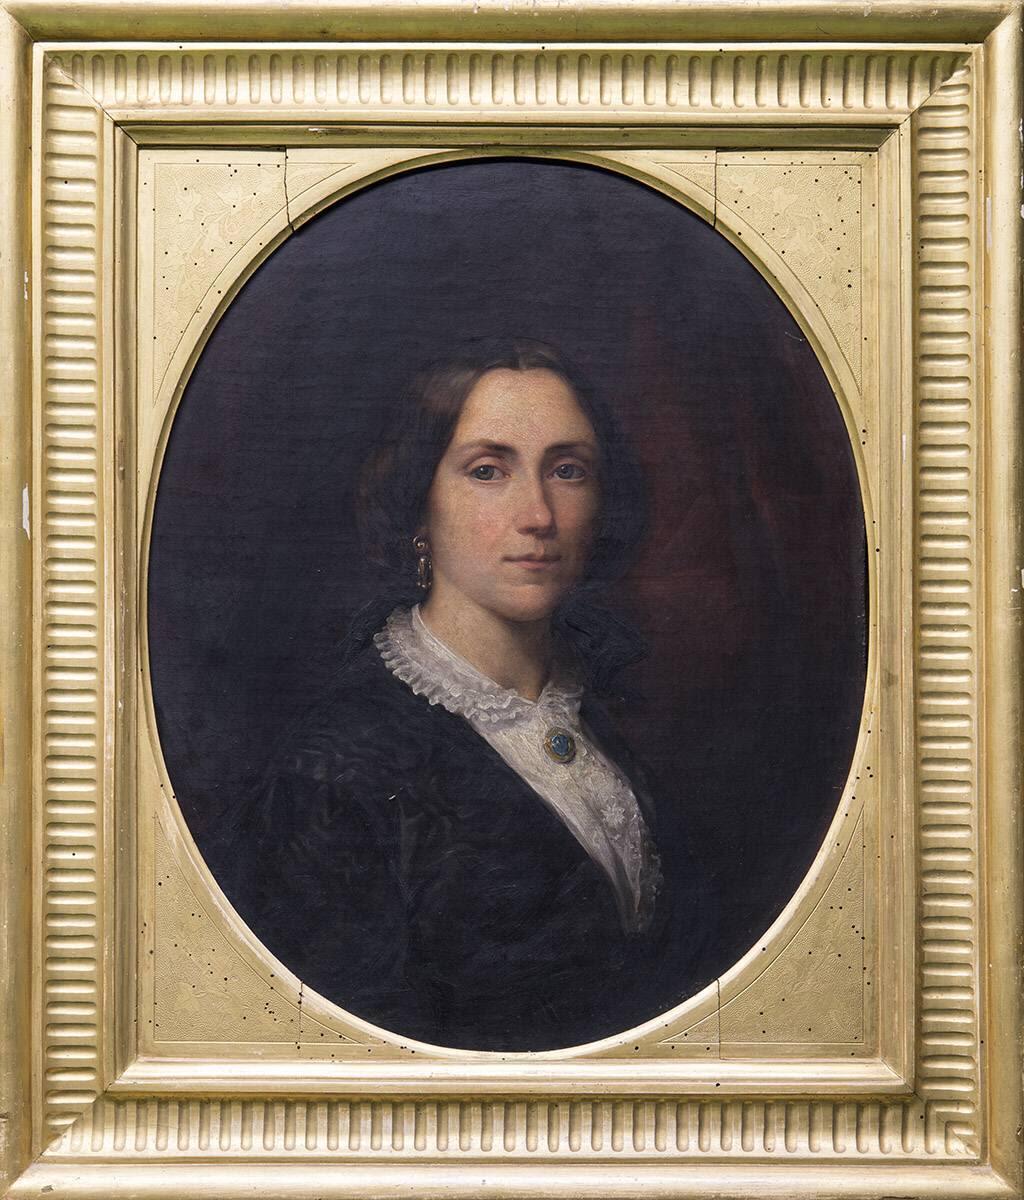 Die Ehefrau des Bildhauers Karl Voss, geb. Wolff